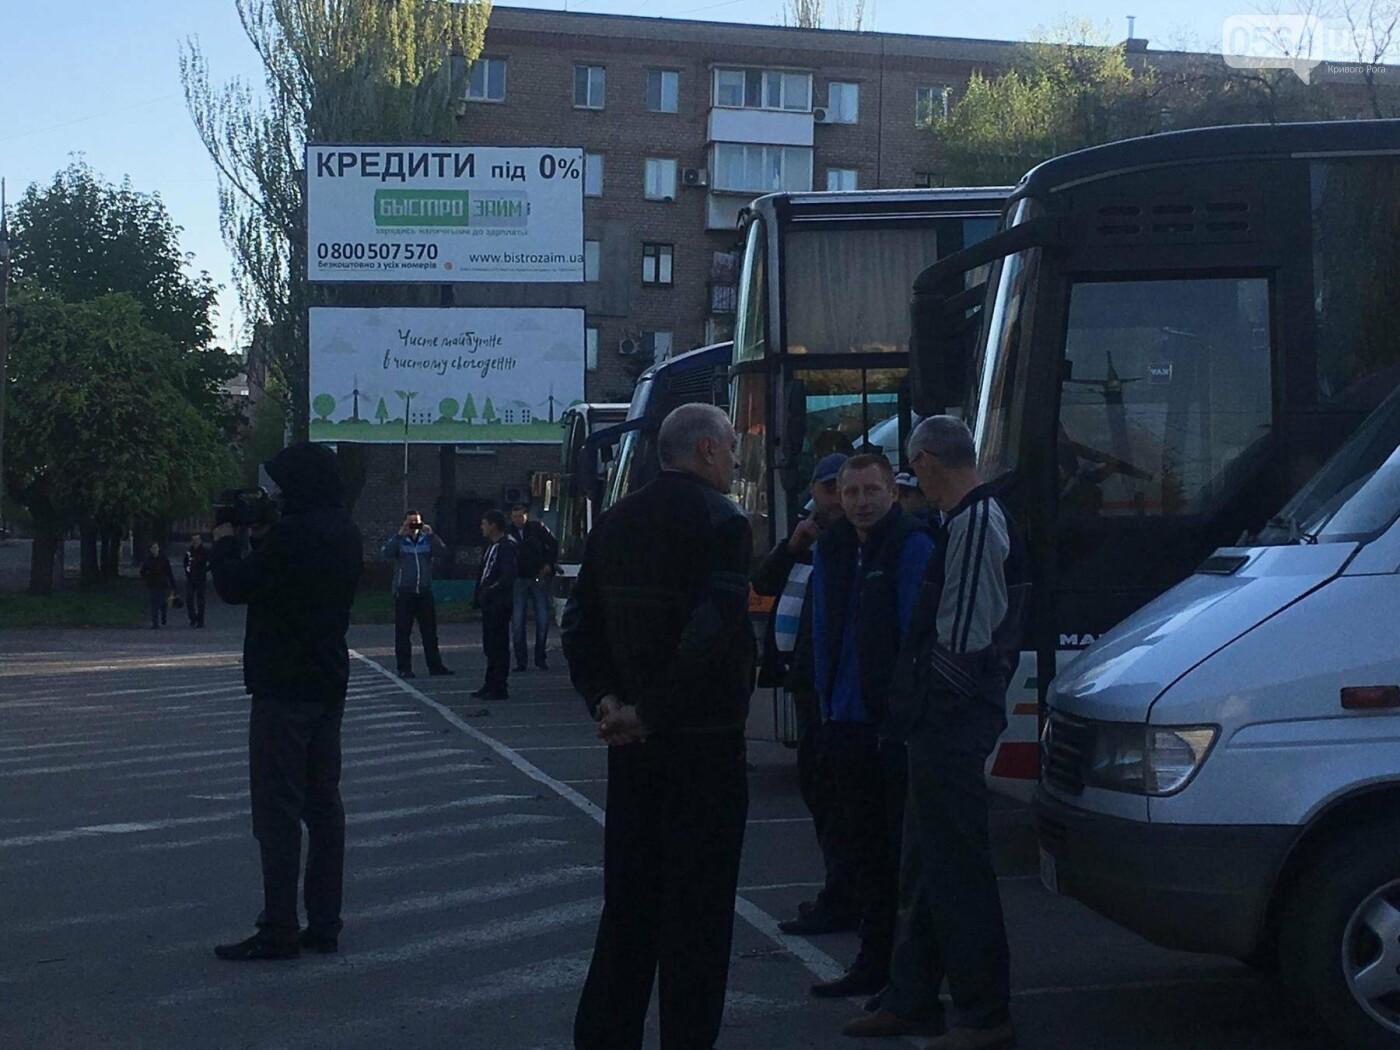 Сотни криворожан сегодня утром выехали на Хортицу, где высадят дубы и установят Крестомеч (ФОТО, ВИДЕО), фото-5